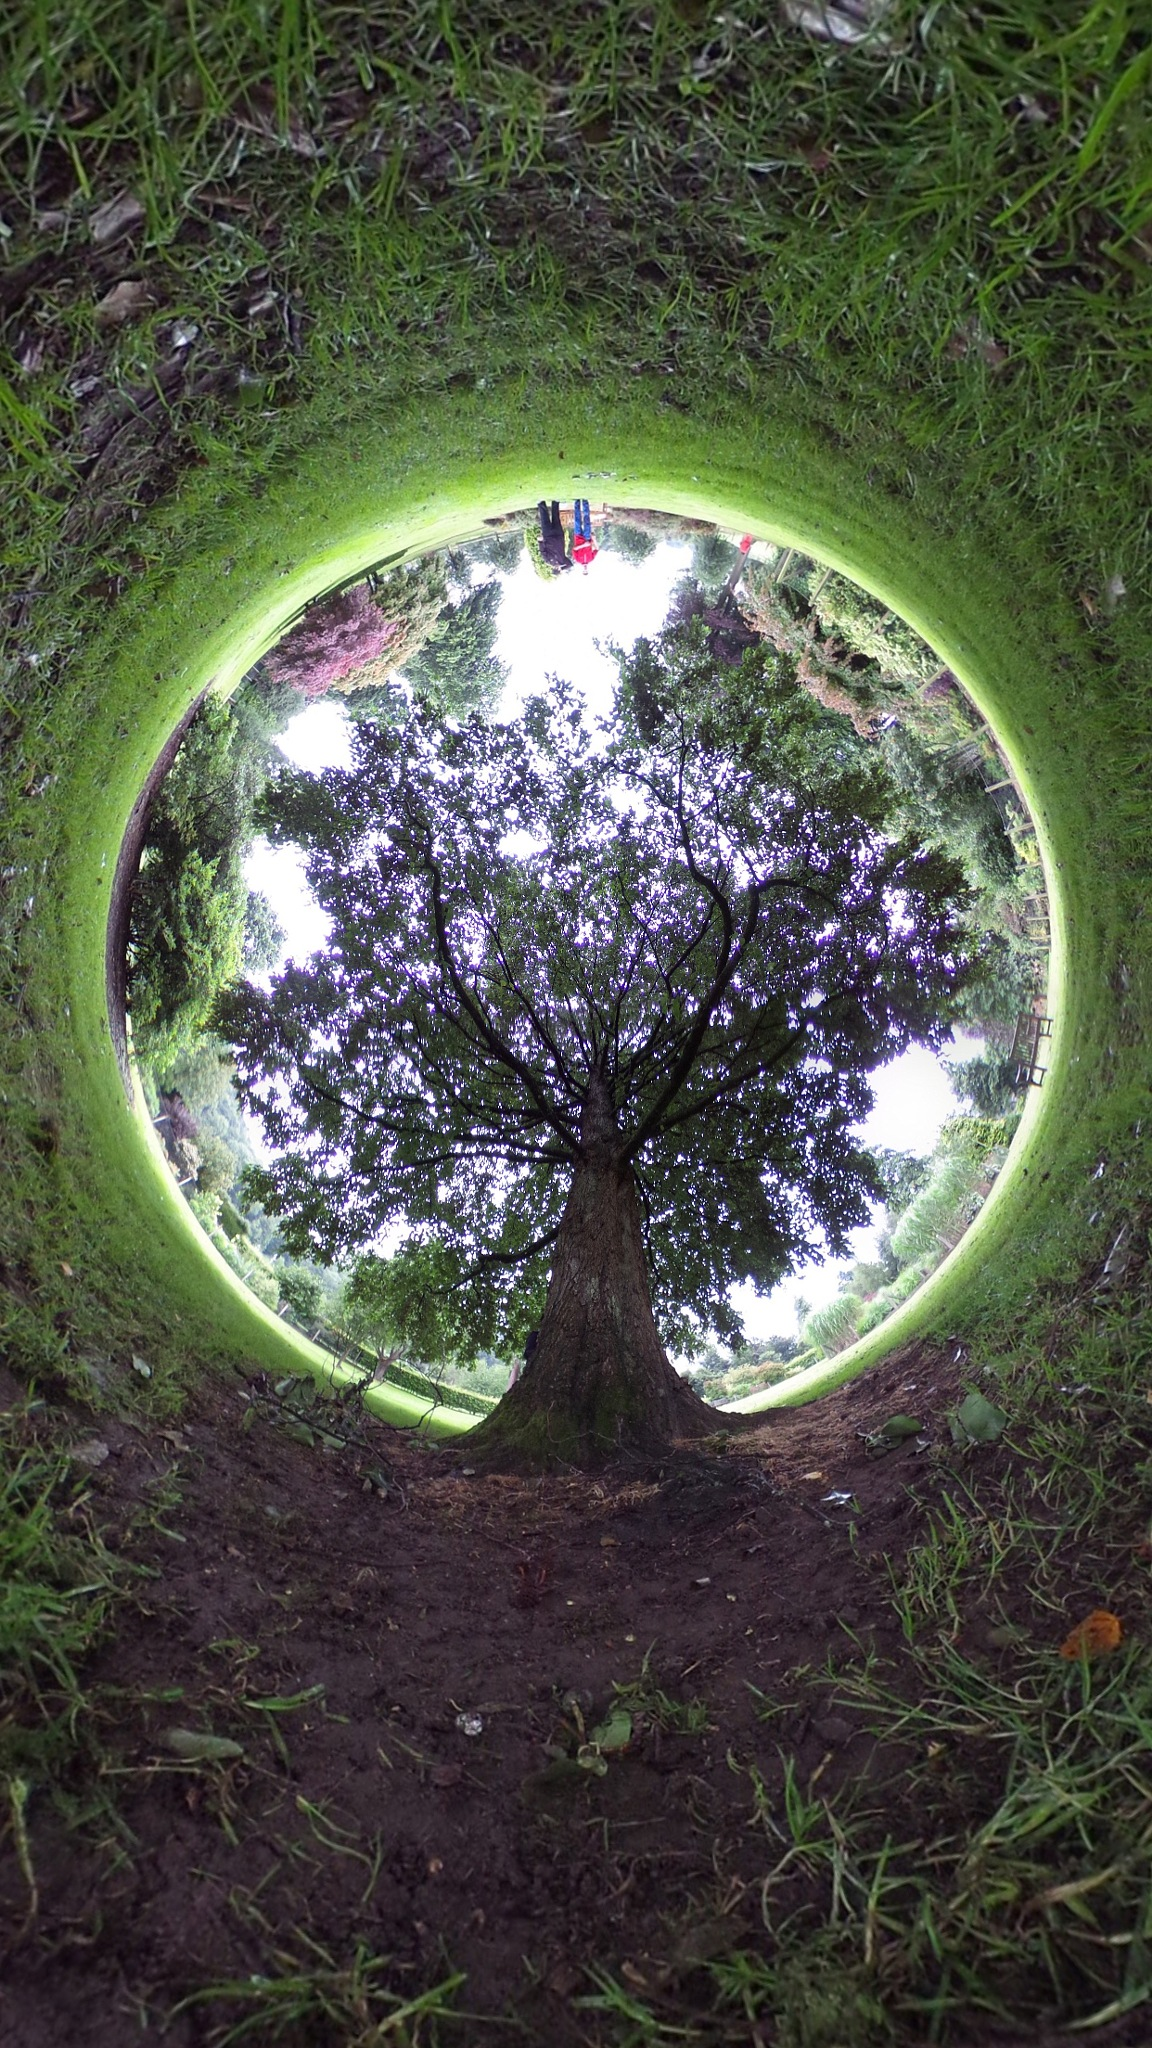 My little green planet by Ali Khajah